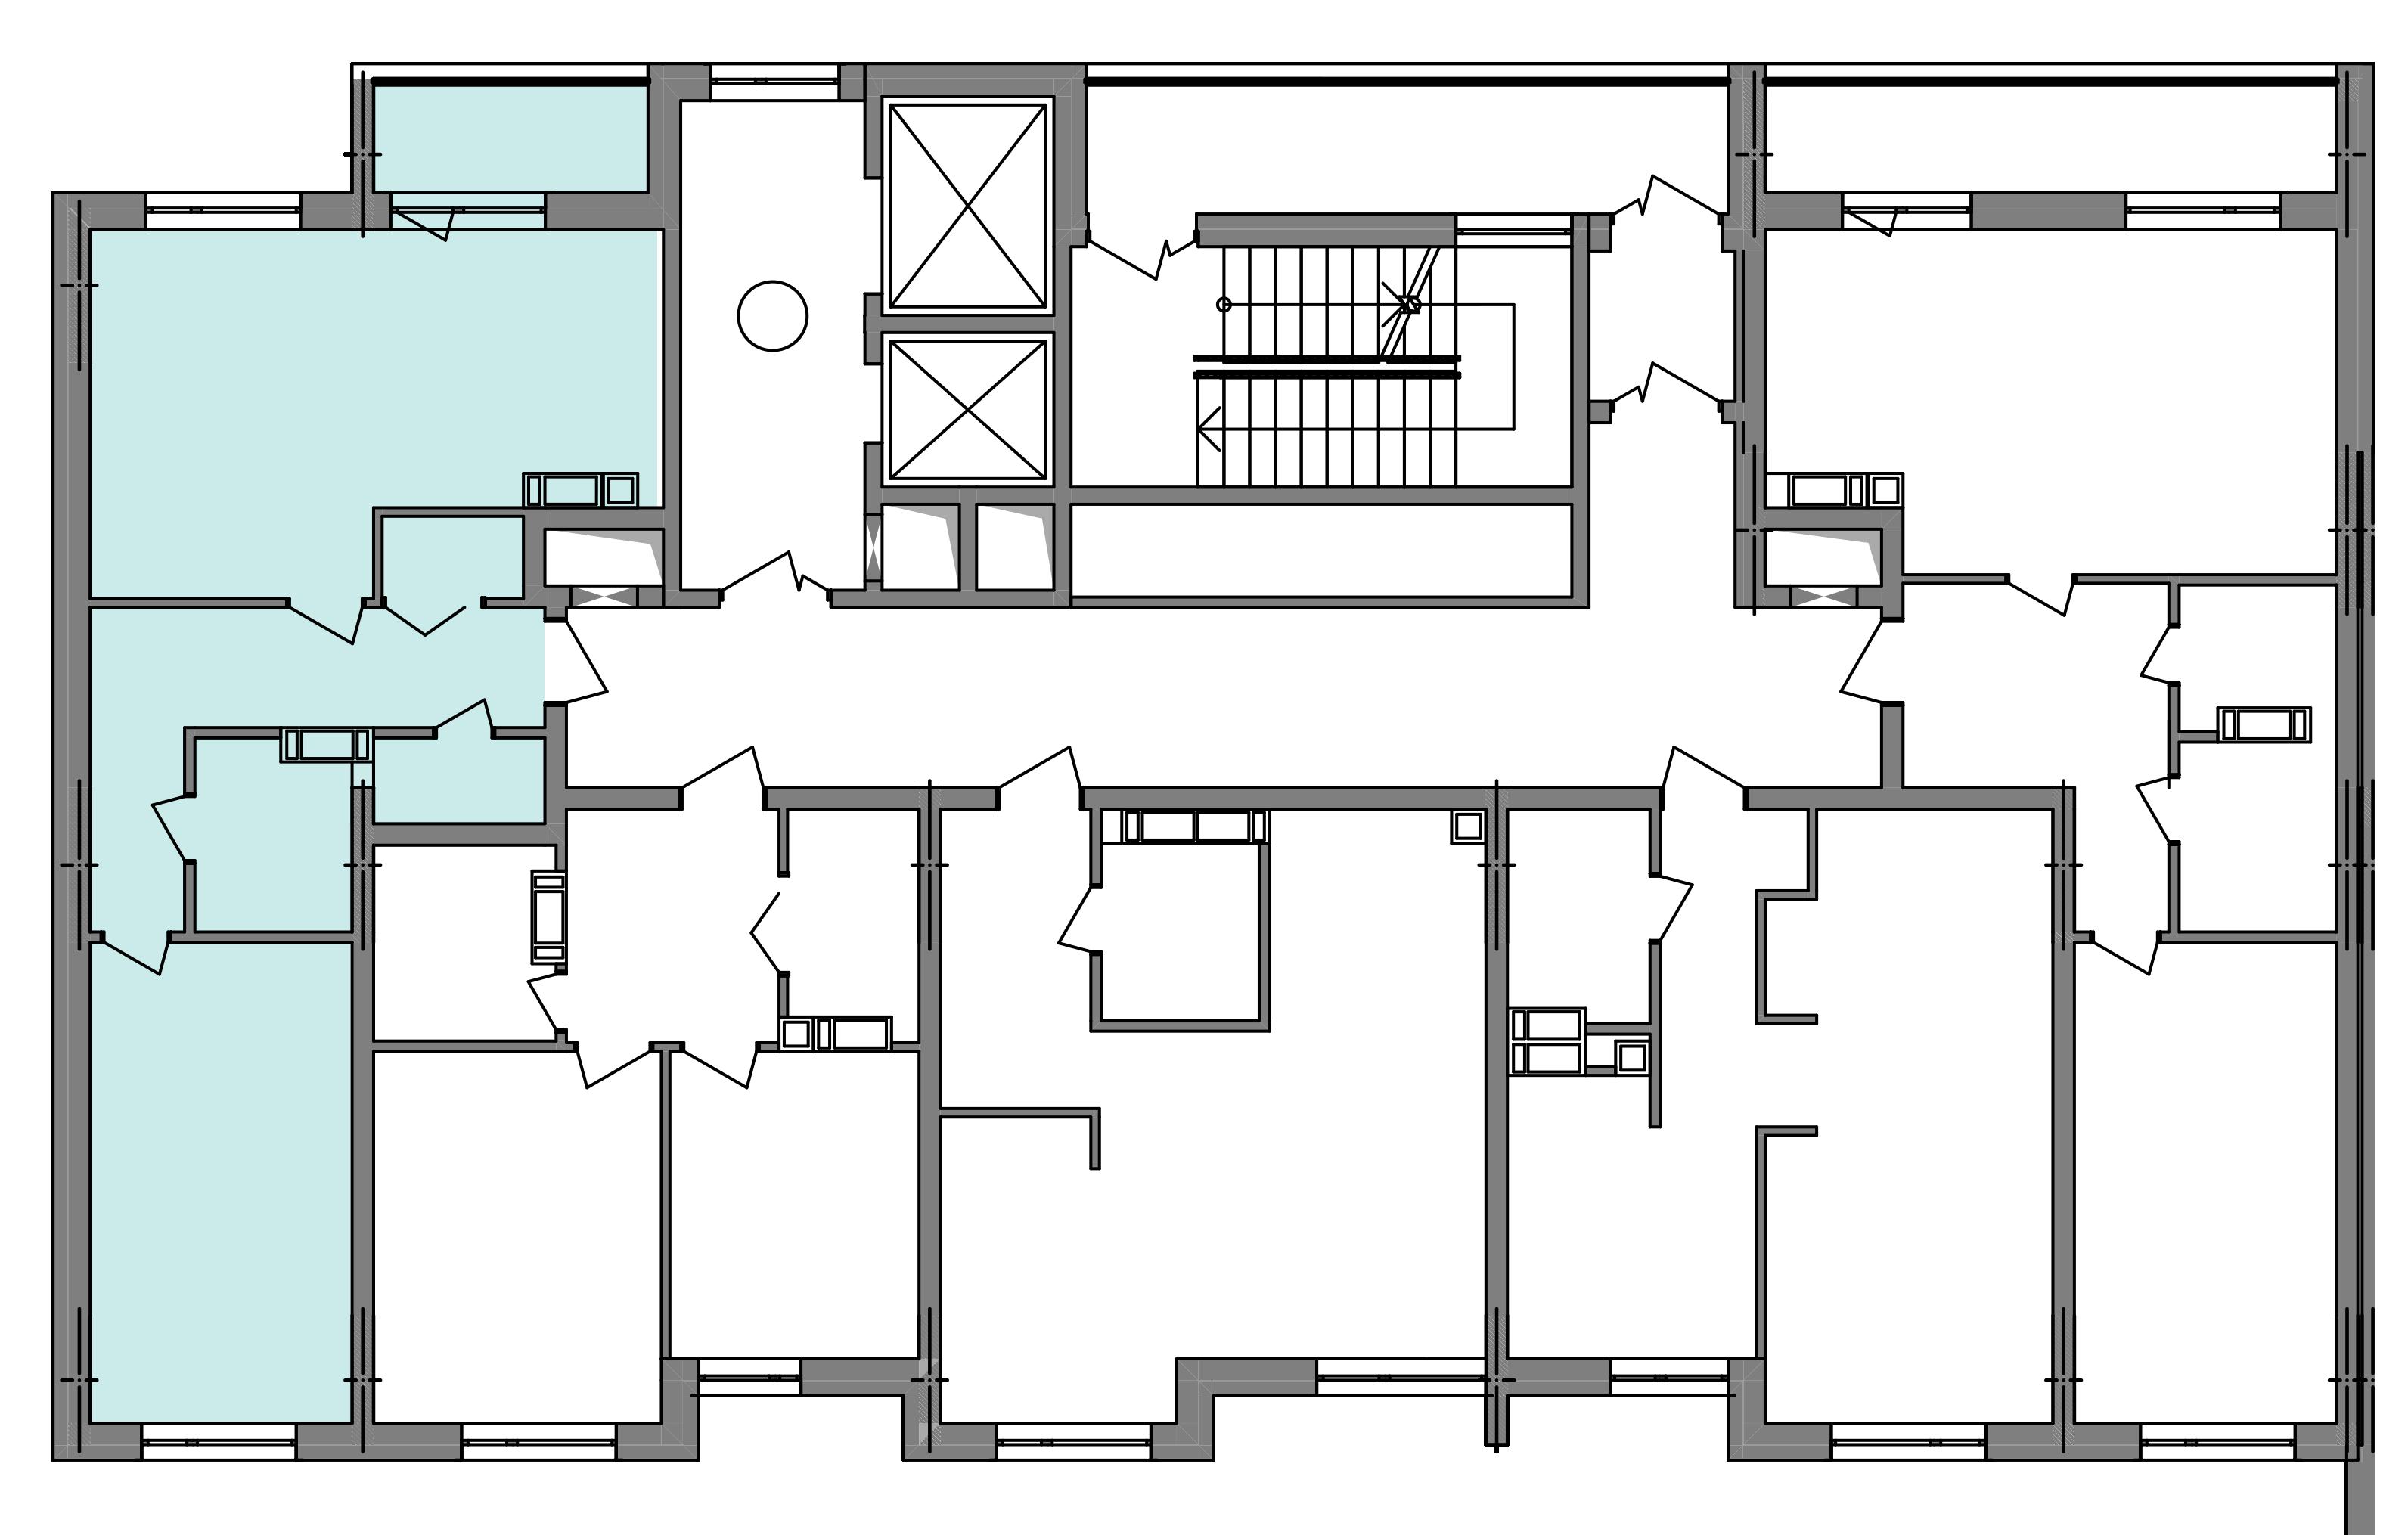 Двокімнатна квартира 59,48 кв.м., тип 2.2, будинок 3, секція 4 розташування на поверсі